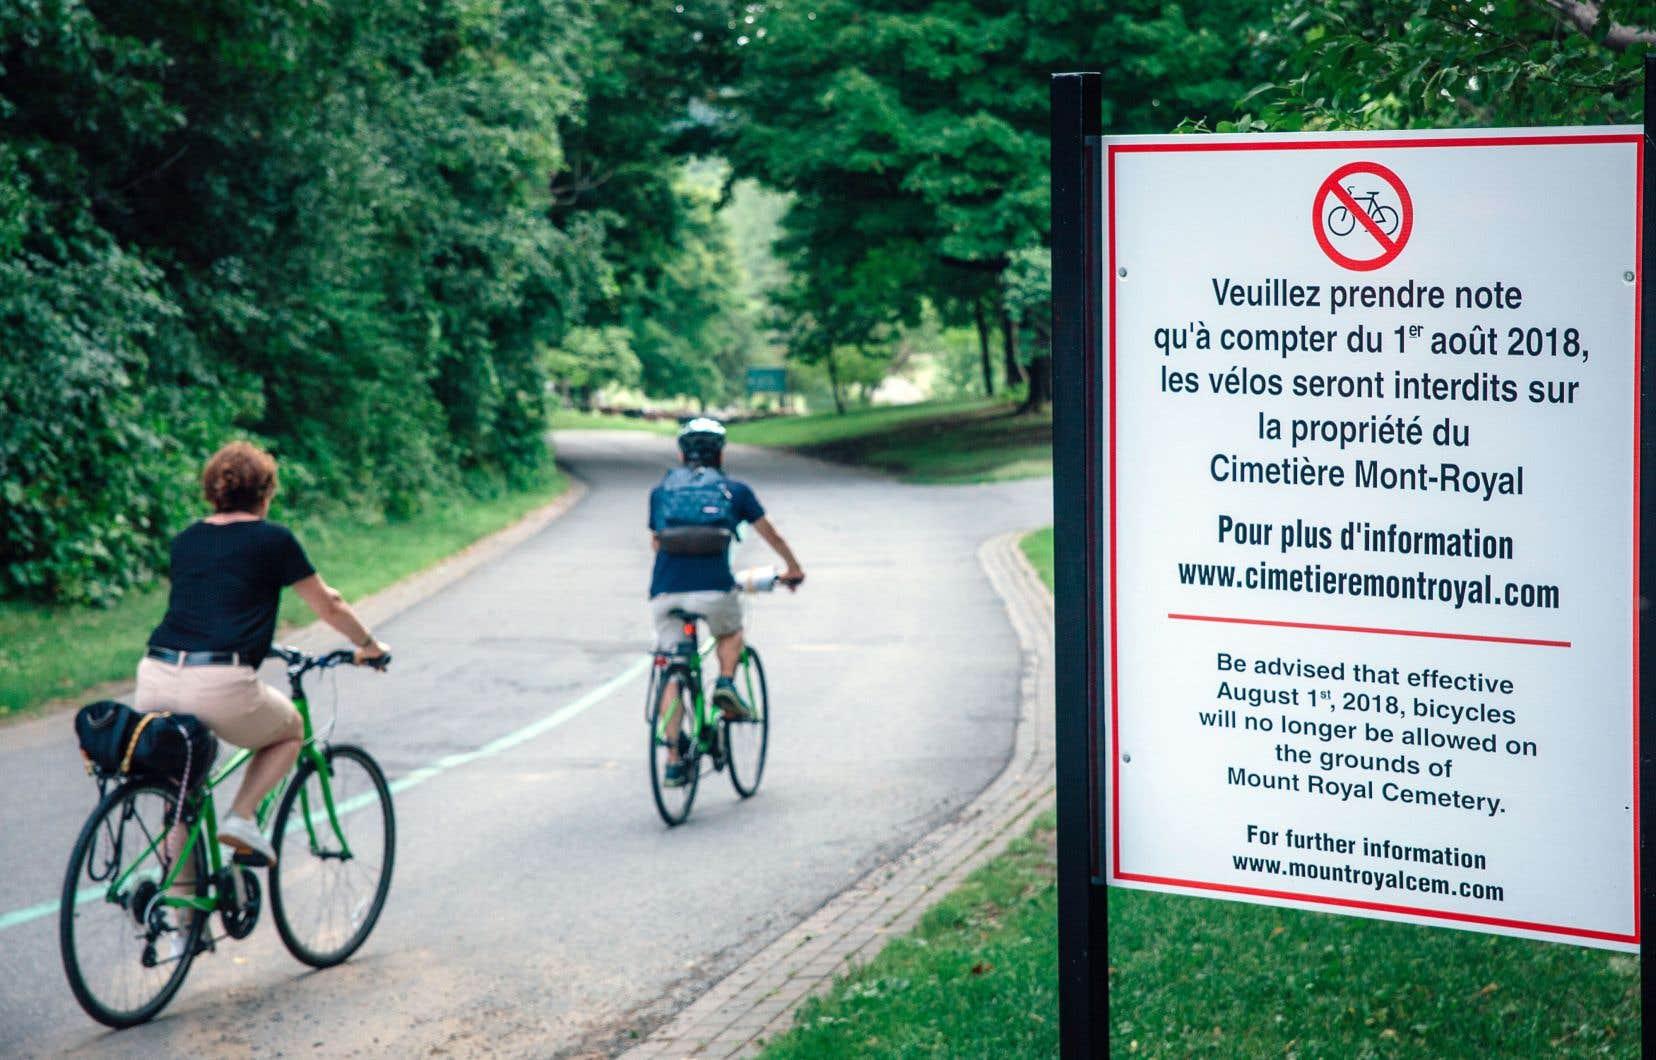 Les cyclistes ne pourront plus circuler dans le cimetière Mont-Royal à compter du 1er août.